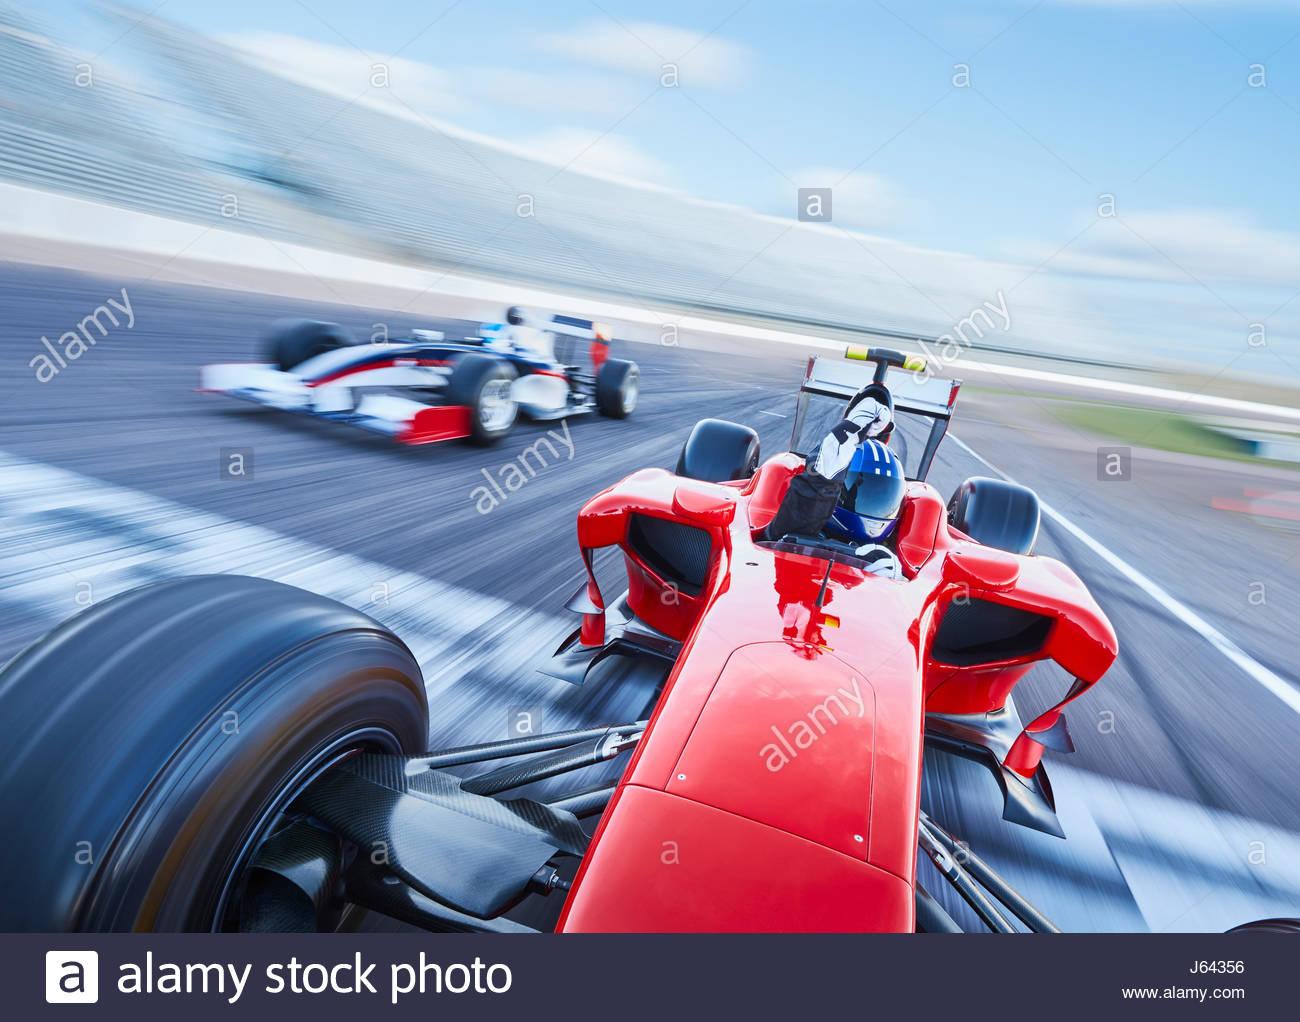 Course De Formule 1 Voiture En Traversant La Ligne D'arrivée serapportantà Course Voiture En Ligne